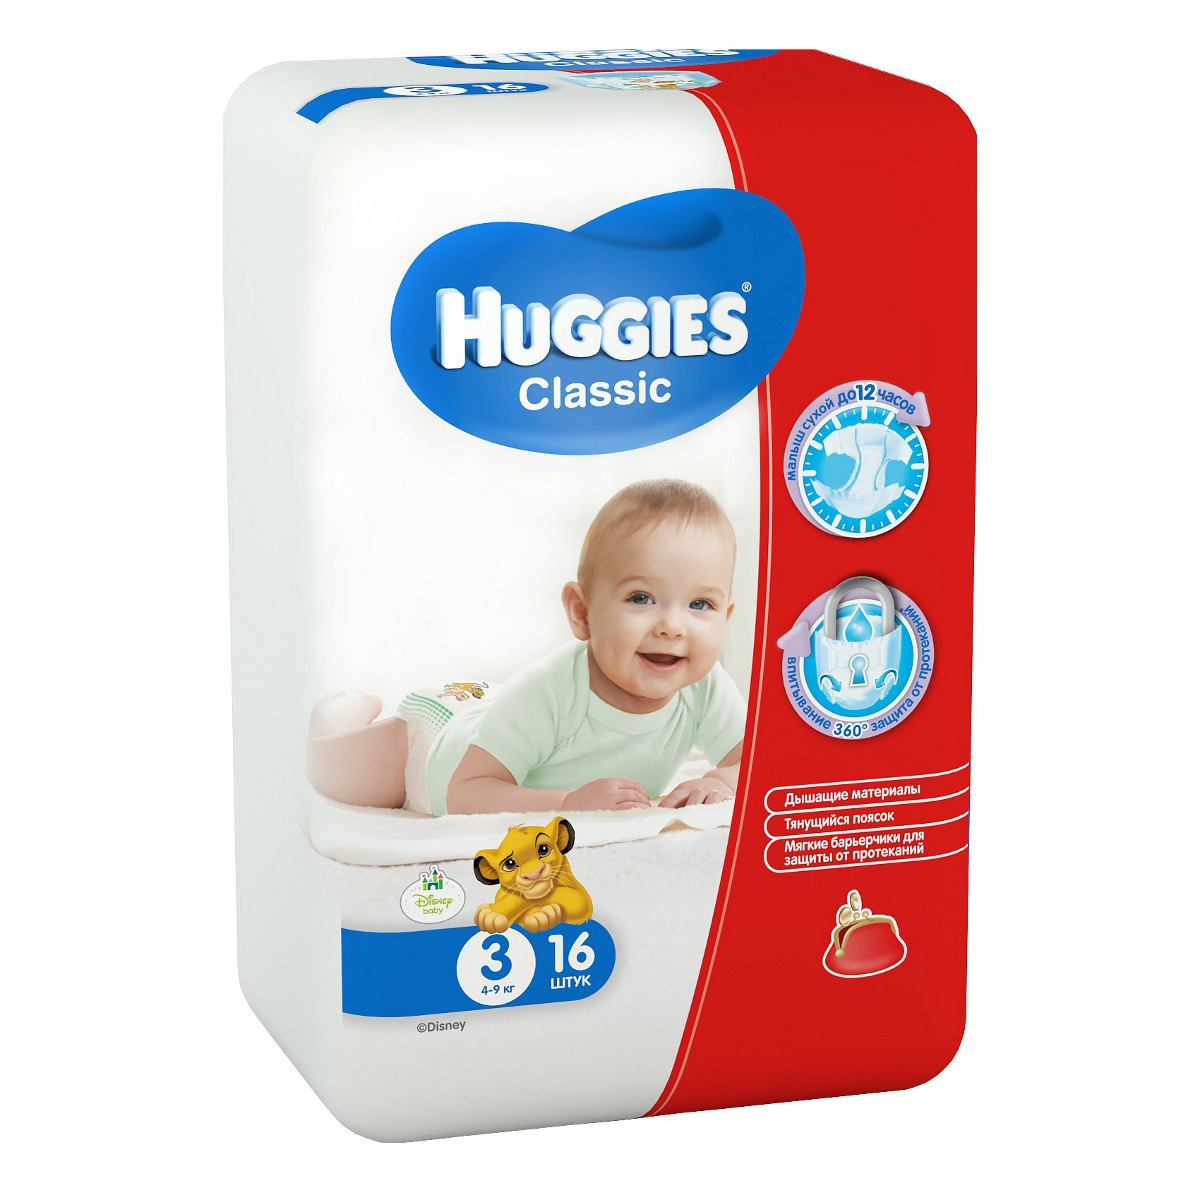 Подгузники детские Classic 3, 16шт./уп. Huggies - фото 1